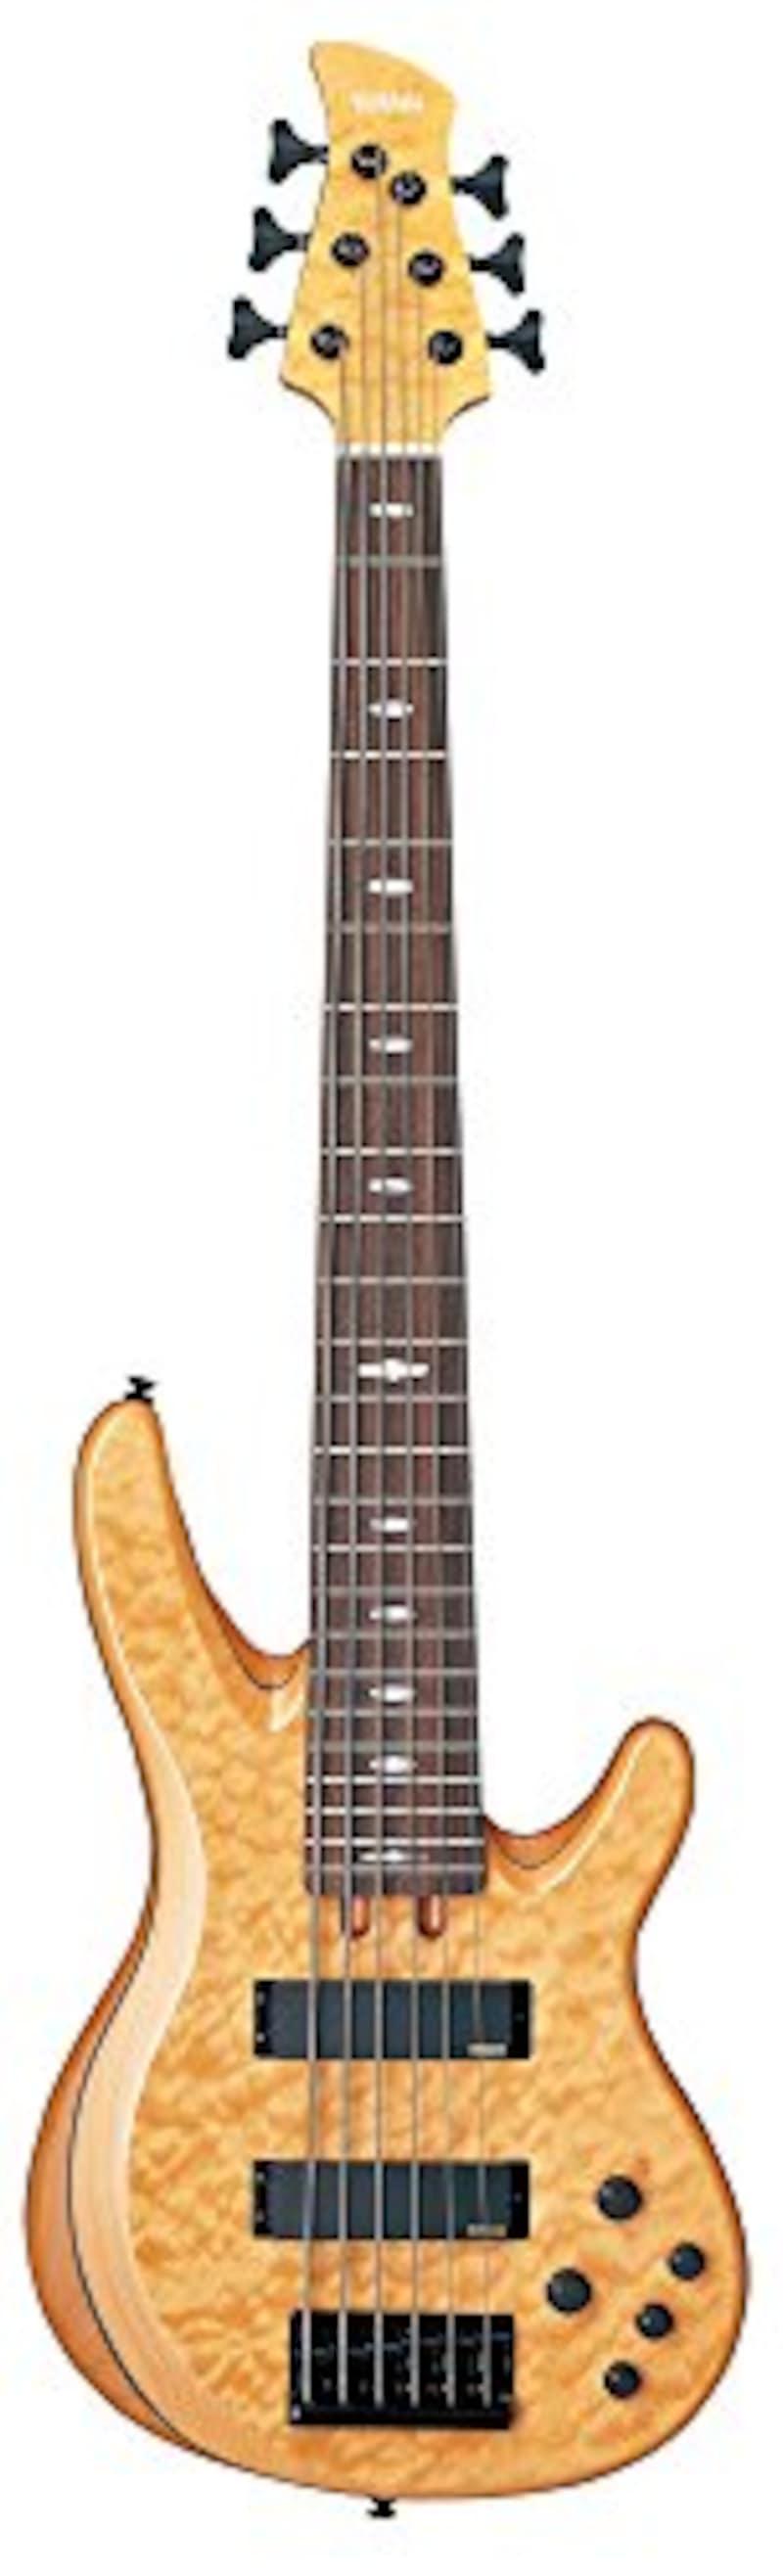 ヤマハ,エレキベース 6弦 TRB1006J NT